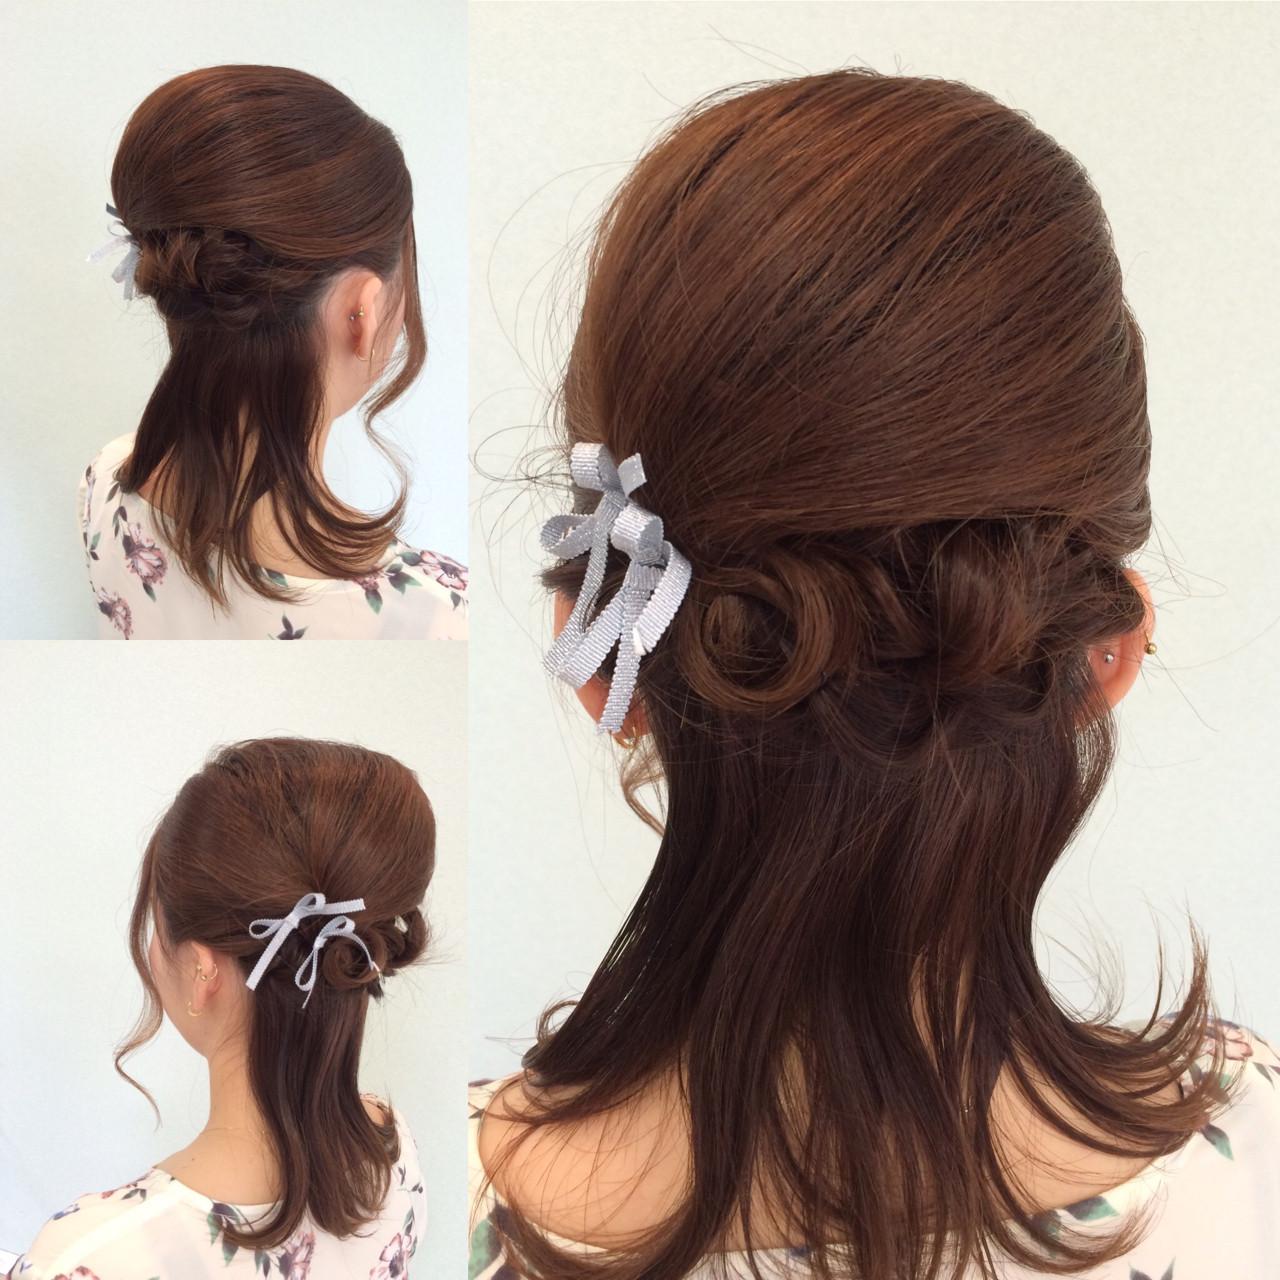 ハーフアップ 夜会巻 ミディアム ヘアアレンジ ヘアスタイルや髪型の写真・画像